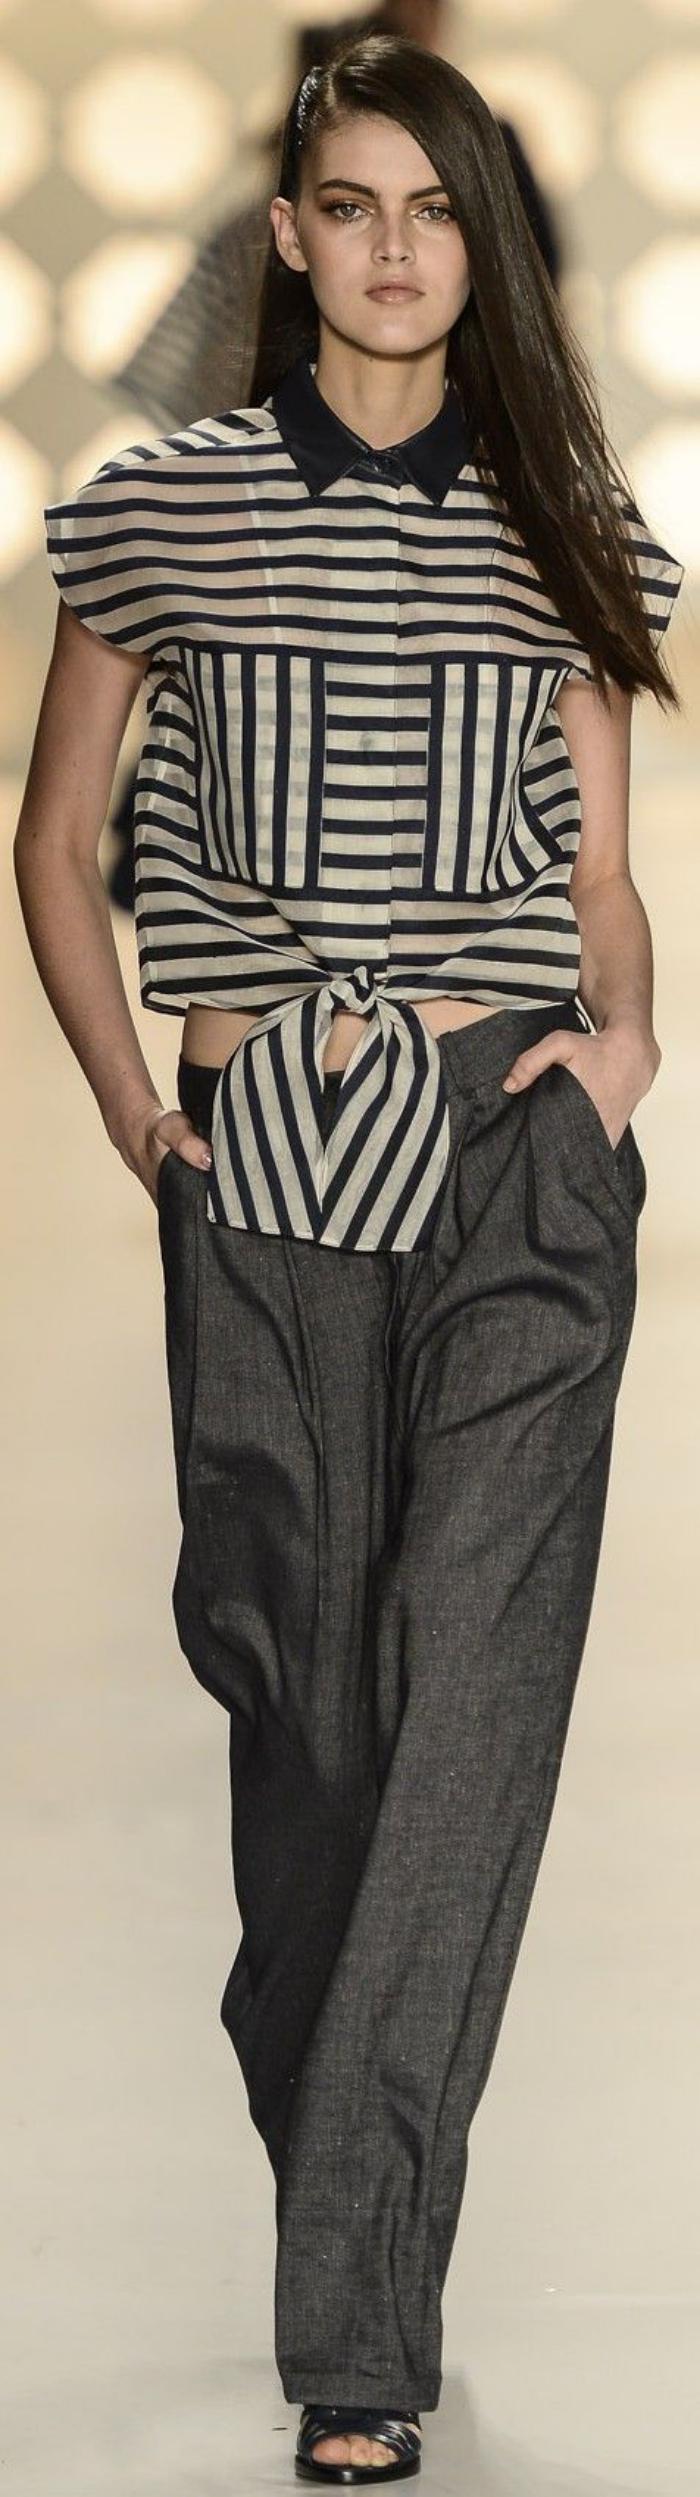 chemise-rayée-femme-portée-par-un-modèle